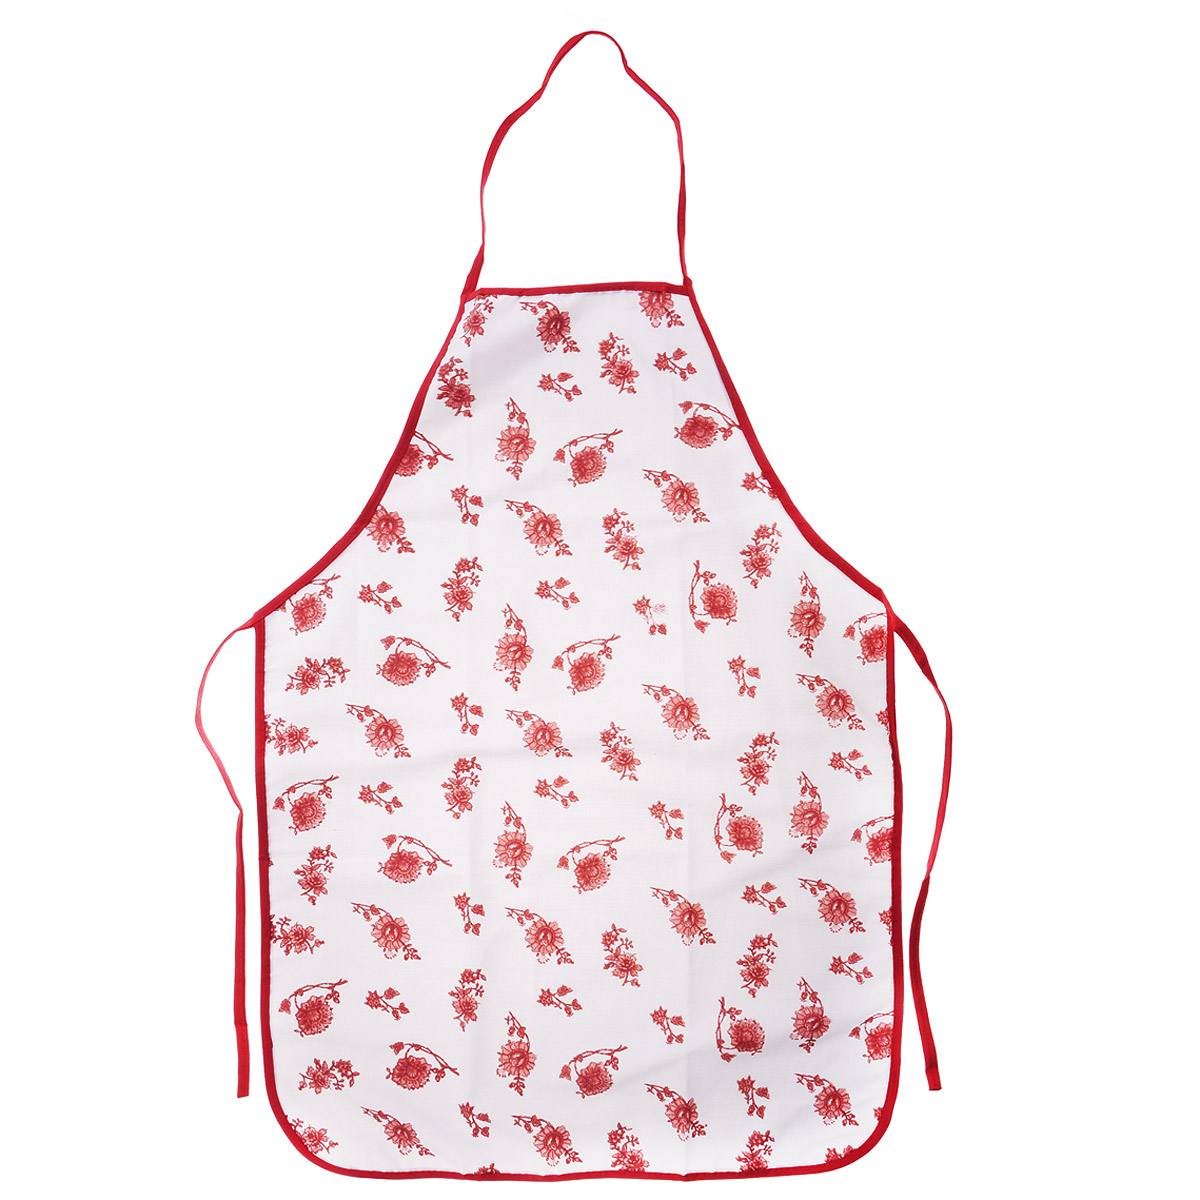 Фартук Коралл, цвет: белый, 50 см х 74 см. 791982VT-1520(SR)Фартук Коралл станет незаменимым аксессуаром на вашей кухне. Фартук изготовлен из 100% хлопка, приятный и мягкий на ощупь.Фартук Коралл - отличный вариант для практичной и современной хозяйки. Размер фартука: 50 см х 74 см.